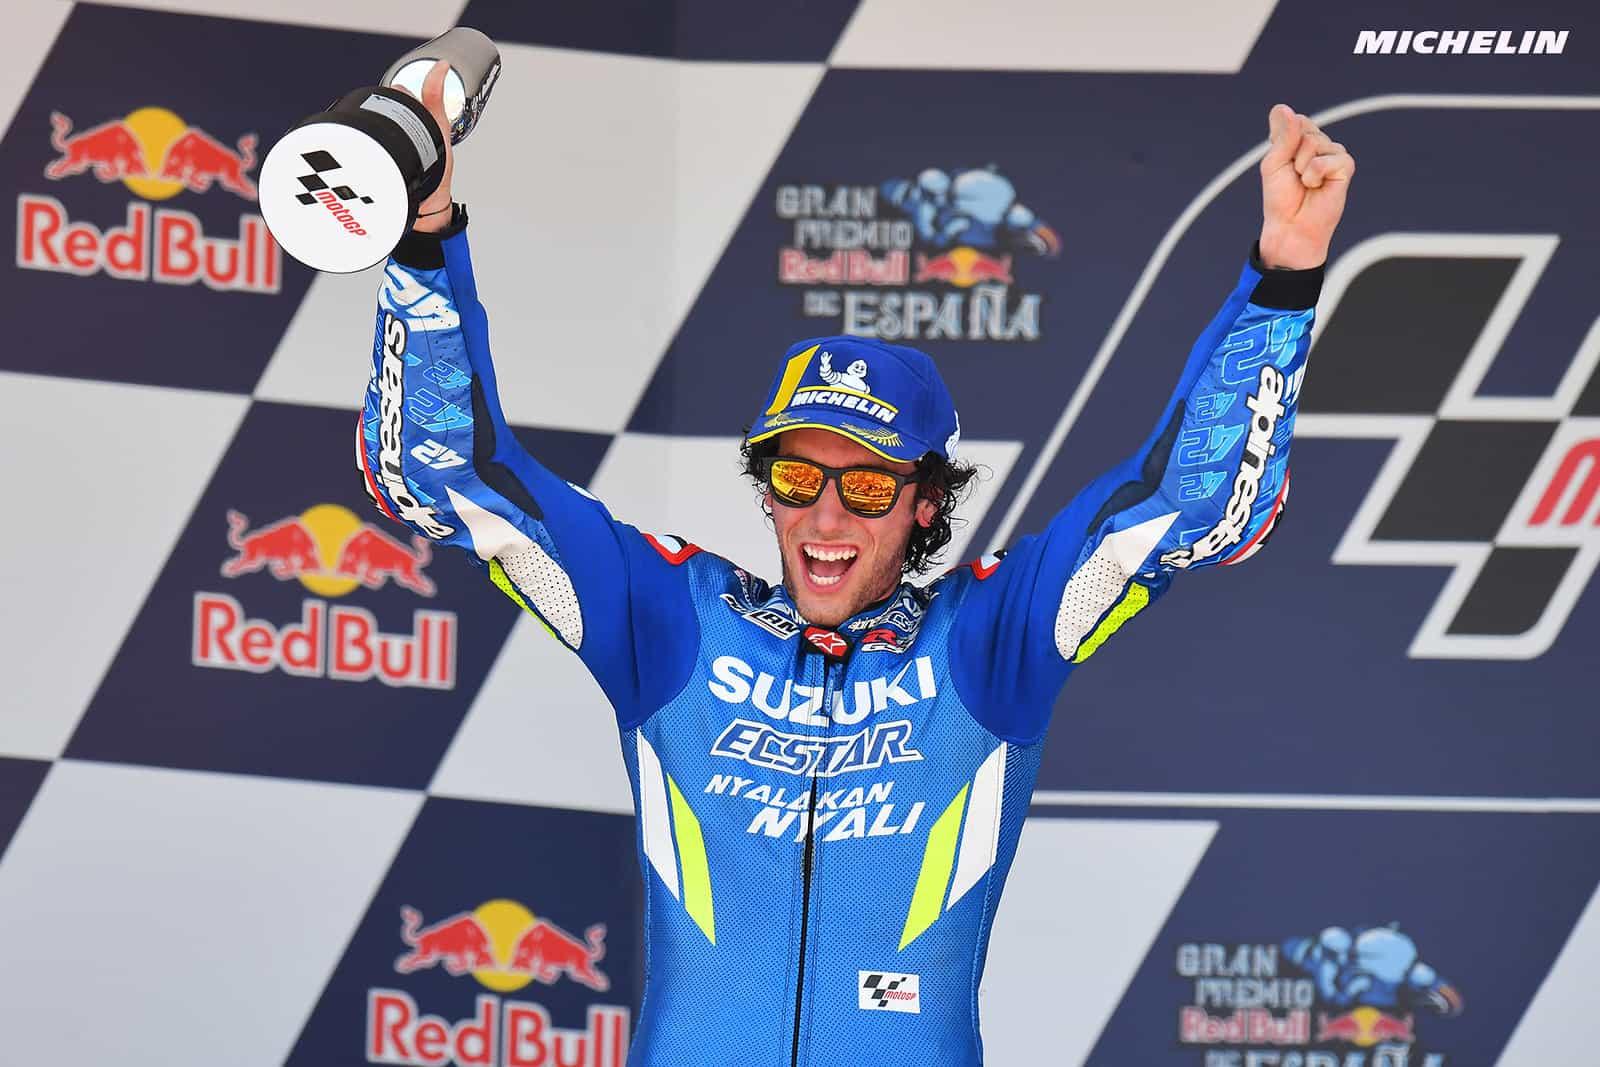 MotoGP2019ヘレスGP 2位リンス「コンスタントに良いレースを続けたい」